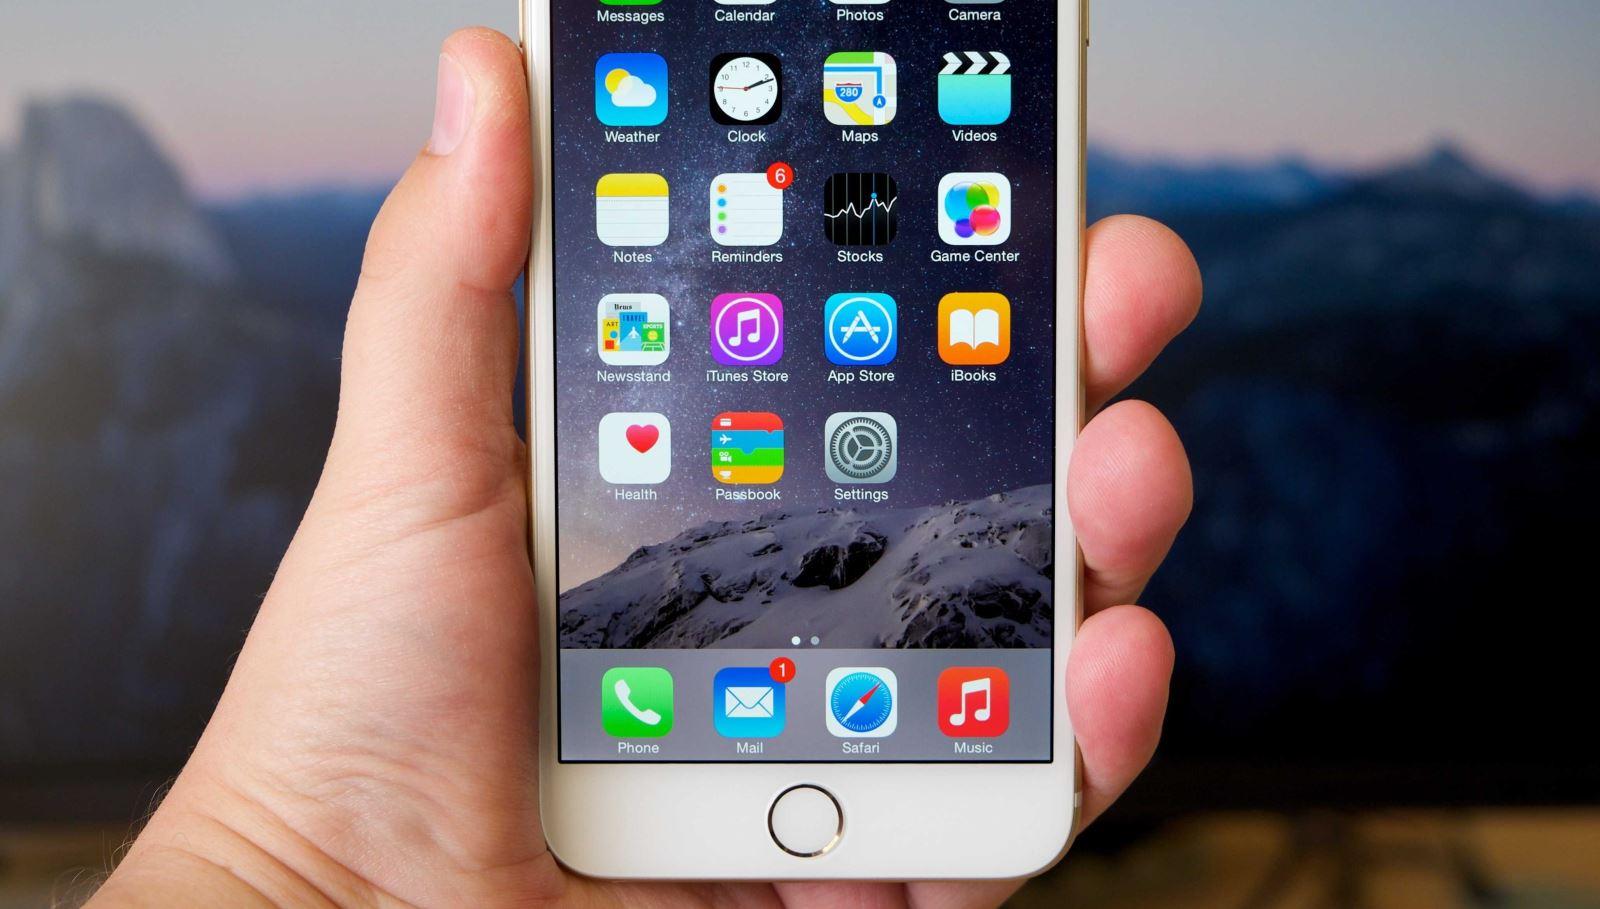 Tại sao iPhone không khởi động được và bị kẹt ở màn hình logo quả táo?